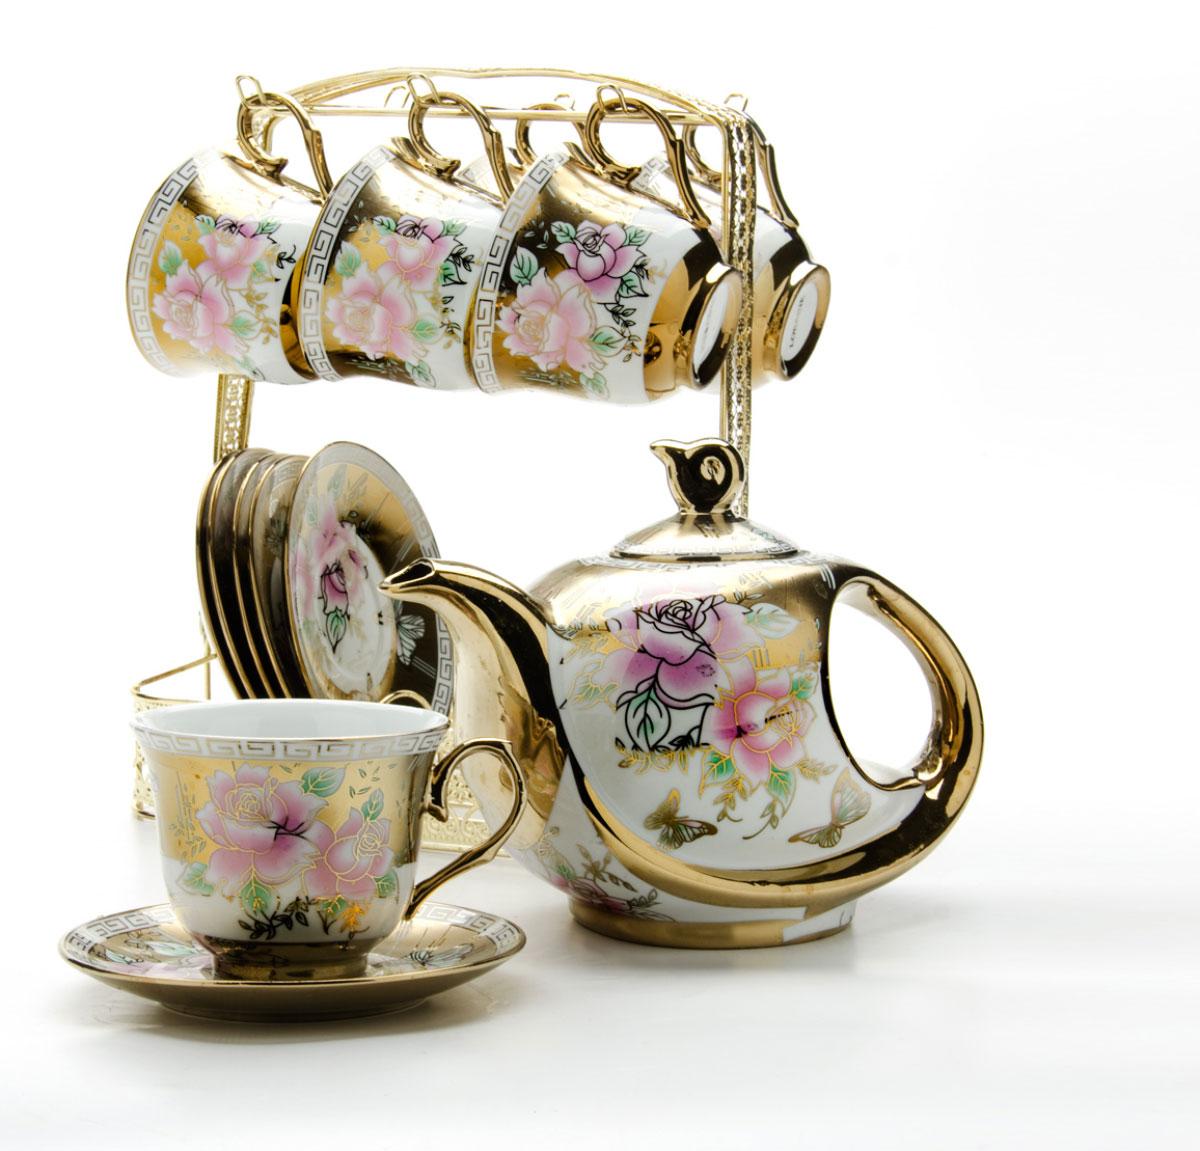 Набор чайный Loraine, на подставке, 15 предметов. 2478524785Чайный набор Loraine состоит из шести чашек, шести блюдец и заварочного чайника. Предметы набора изготовлены из керамики и оформлены изображением цветов и бабочек. Все предметы располагаются на удобной металлической подставке с ручкой. Элегантный дизайн набора придется по вкусу и ценителям классики, и тем, кто предпочитает утонченность и изысканность. Он настроит на позитивный лад и подарит хорошее настроение с самого утра. Чайный набор идеально подойдет для сервировки стола и станет отличным подарком к любому празднику.Объем чашки: 220 мл.Объем чайника: 950 мл.Диаметр блюдца: 13,5 см.